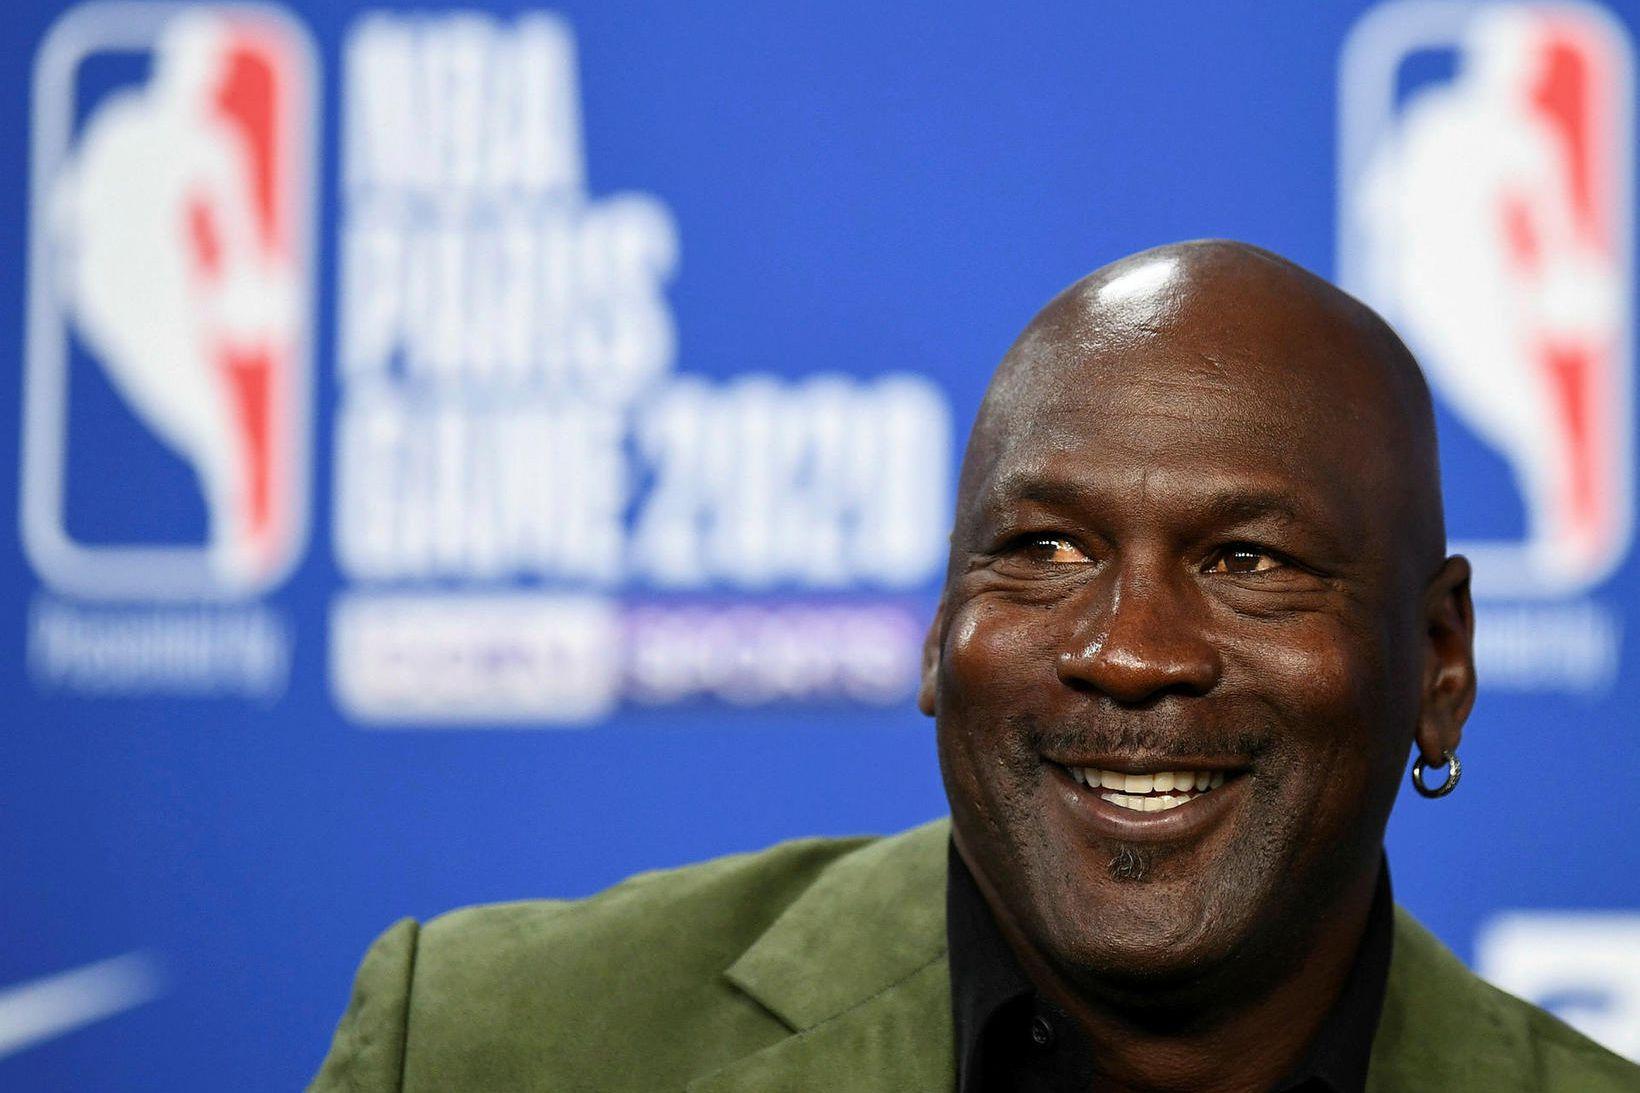 Michael Jordan hefur tjáð sig um morðið á George Floyd.